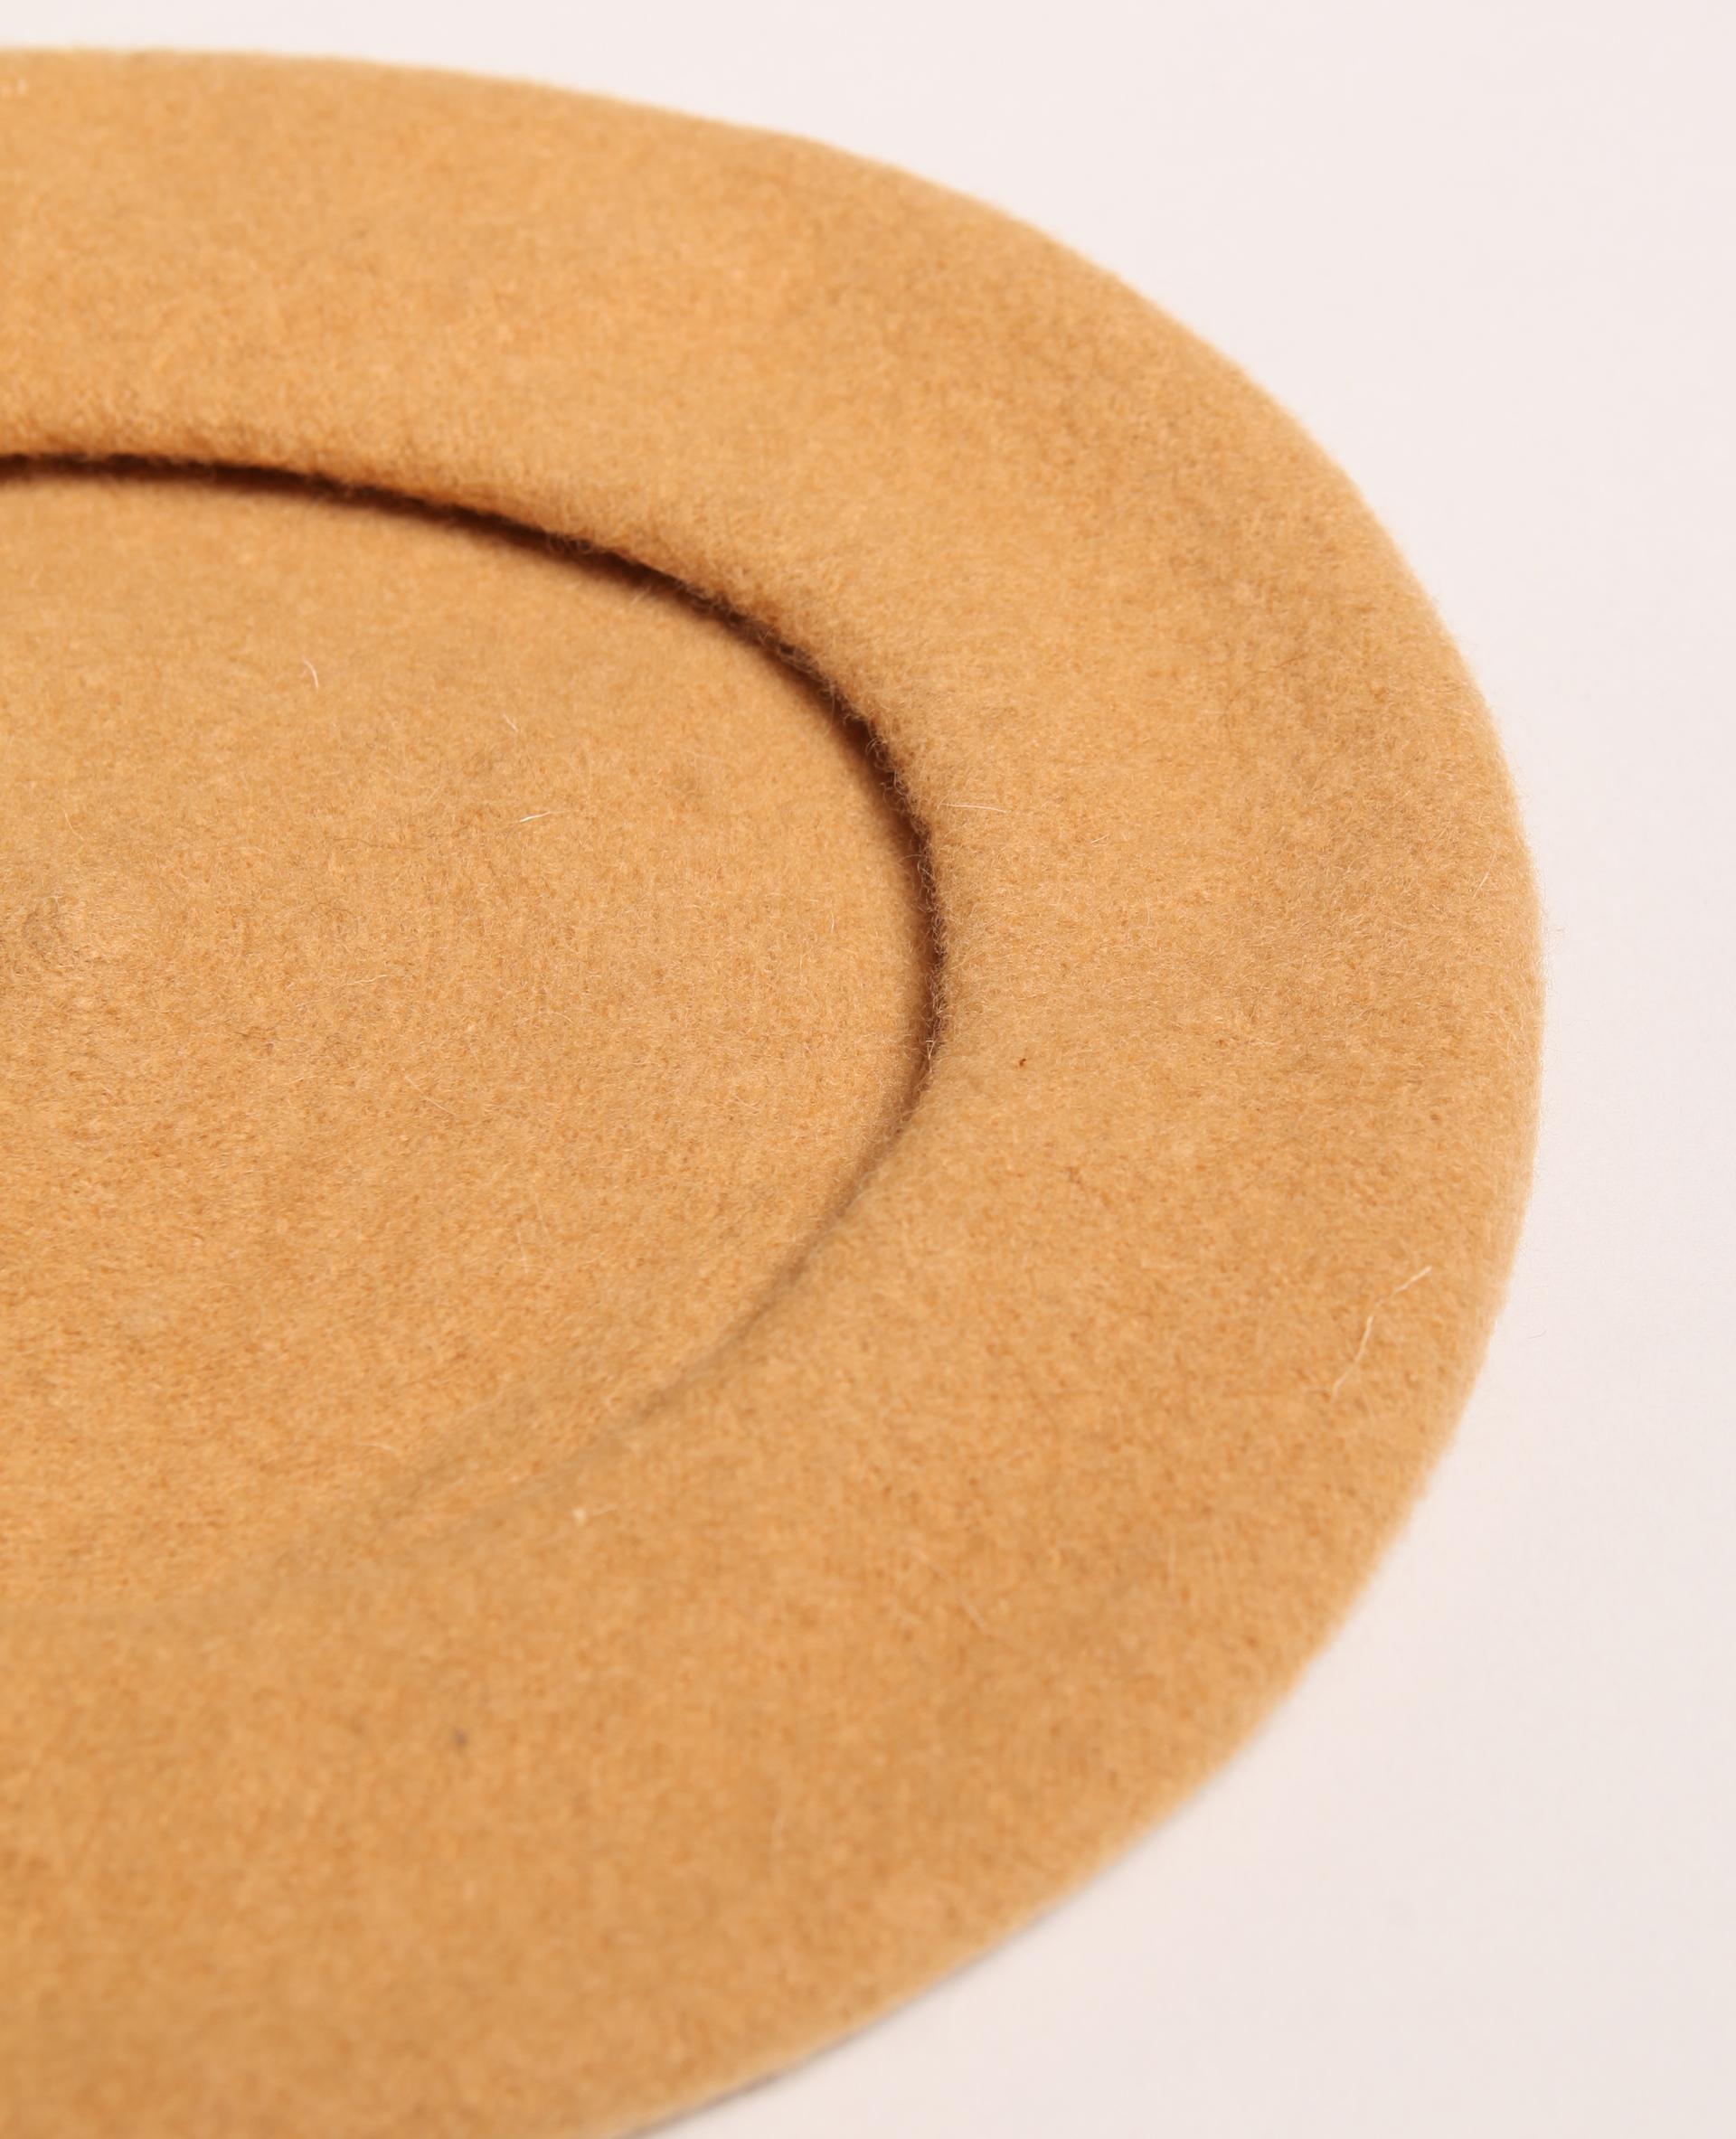 Beret en laine beige sable - Pimkie